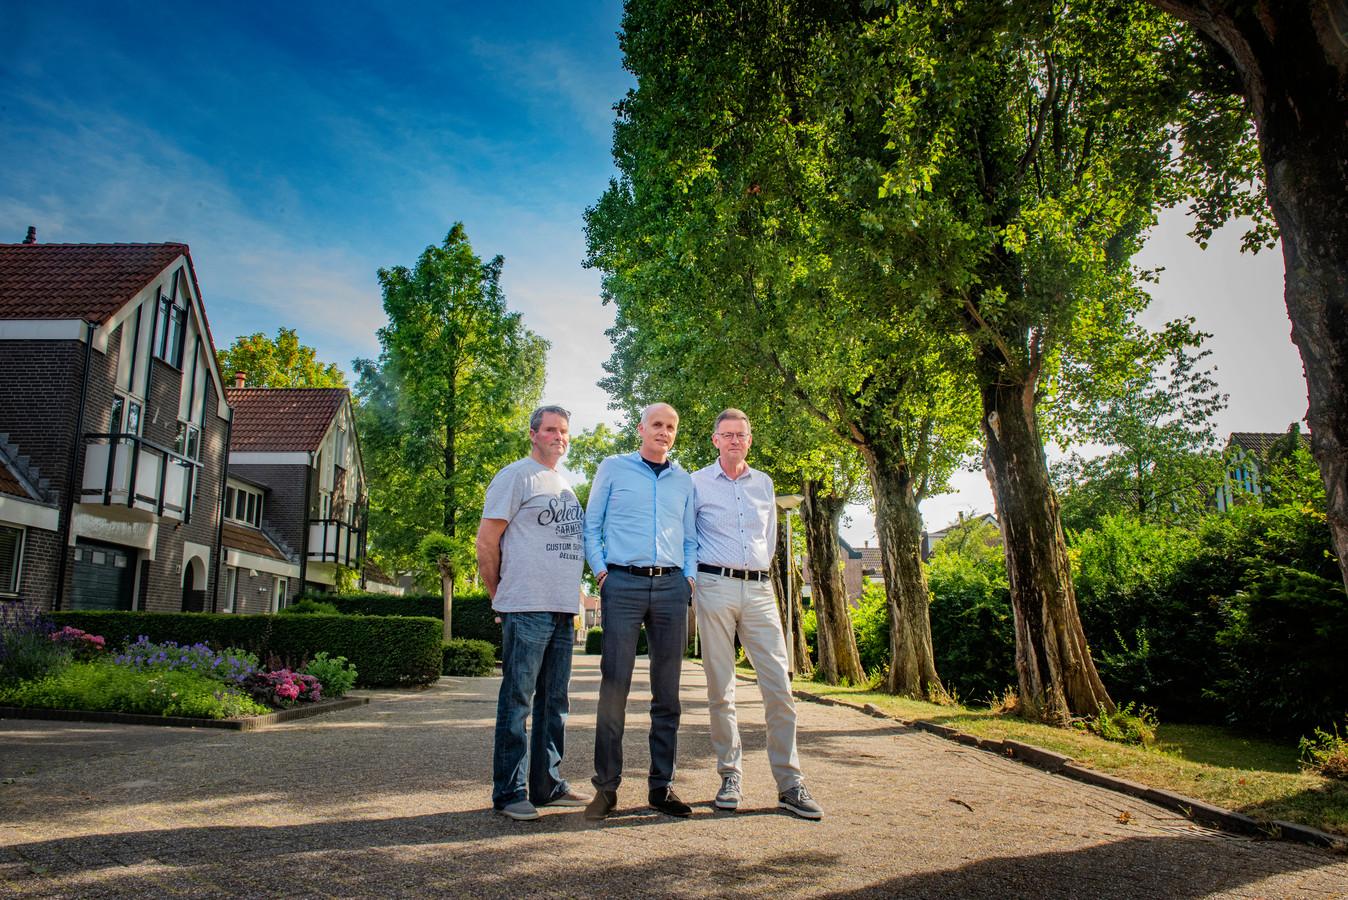 Deze populieren zorgen voor schaduw in de omliggende huizen. Volgens Ben Rijgersberg, Lucil Pieterman en Fred Brand moeten de bomen daarom weg. Anderen vinden juist van niet.